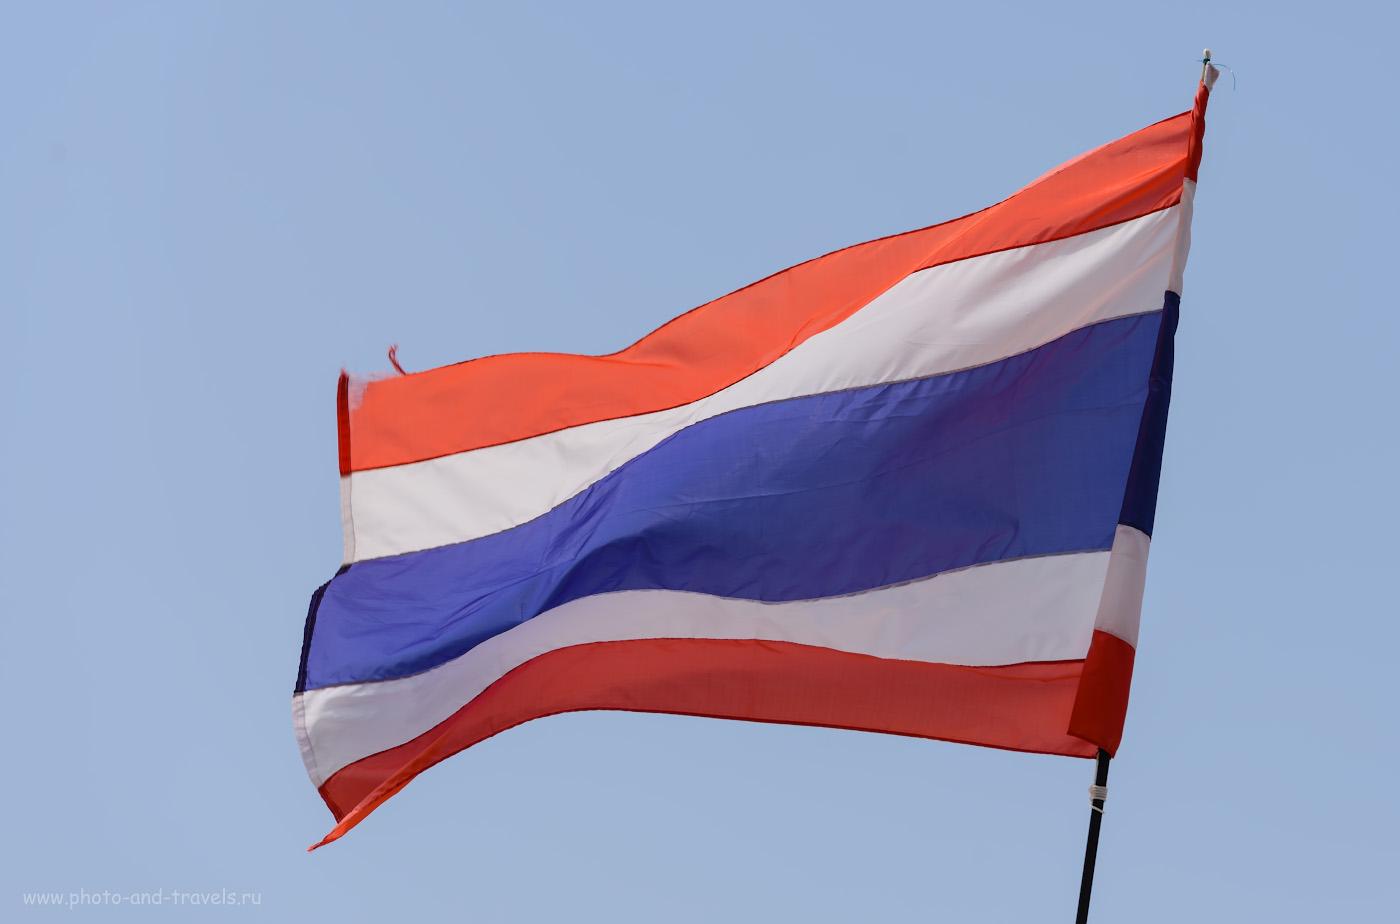 Снимок 37. Стоит ли ехать отдыхать в Таиланд? И что можно там посмотреть. 1/400, +0.67, 6.3, 110, 200.